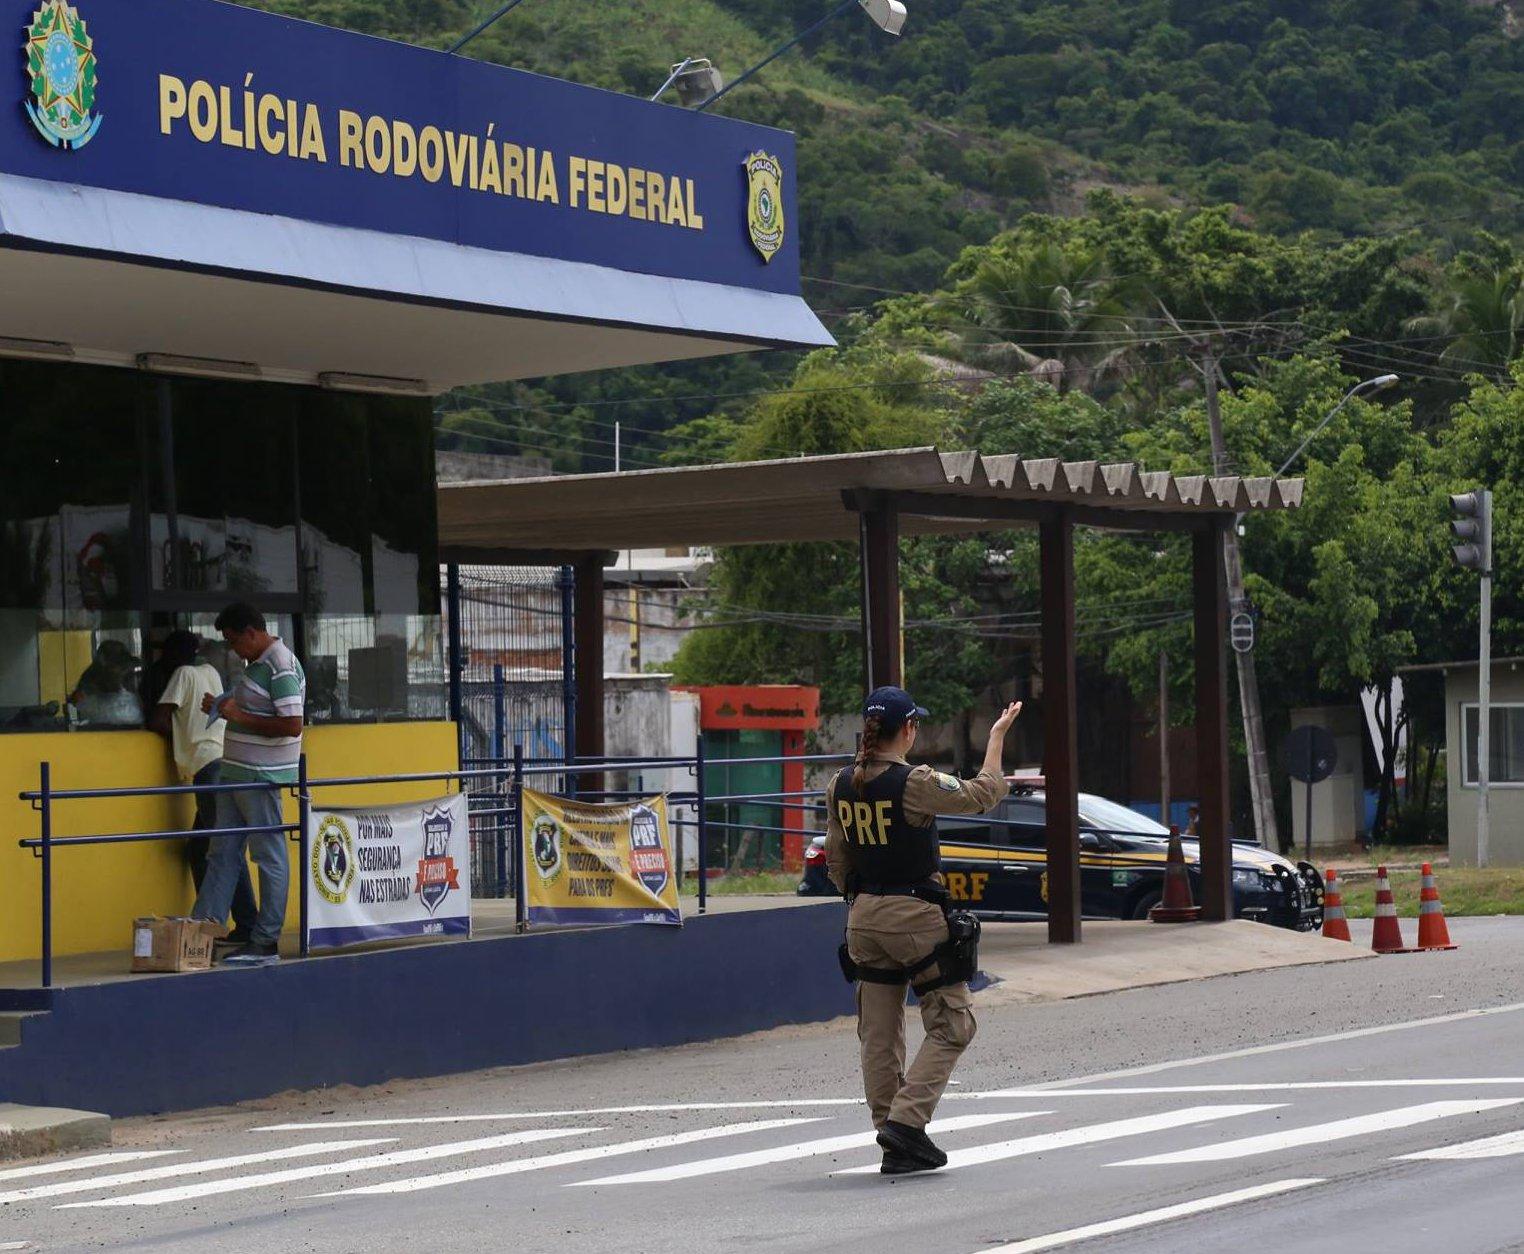 Motociclista morre em grave acidente em Baixo Guandu   Folha Vitória